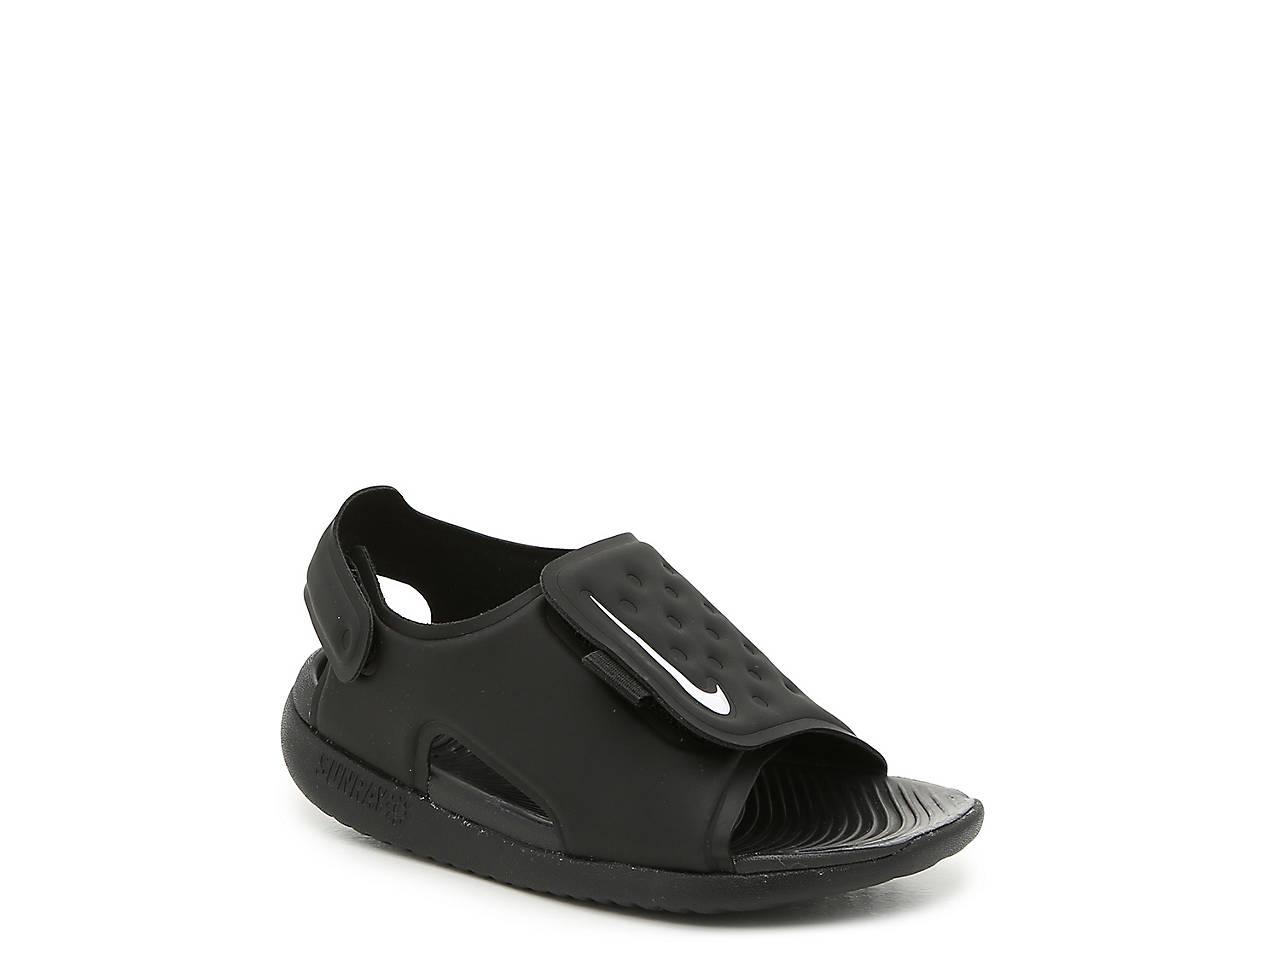 2f4c351f4 Nike Sunray Adjust 5 Infant   Toddler Sandal Kids Shoes